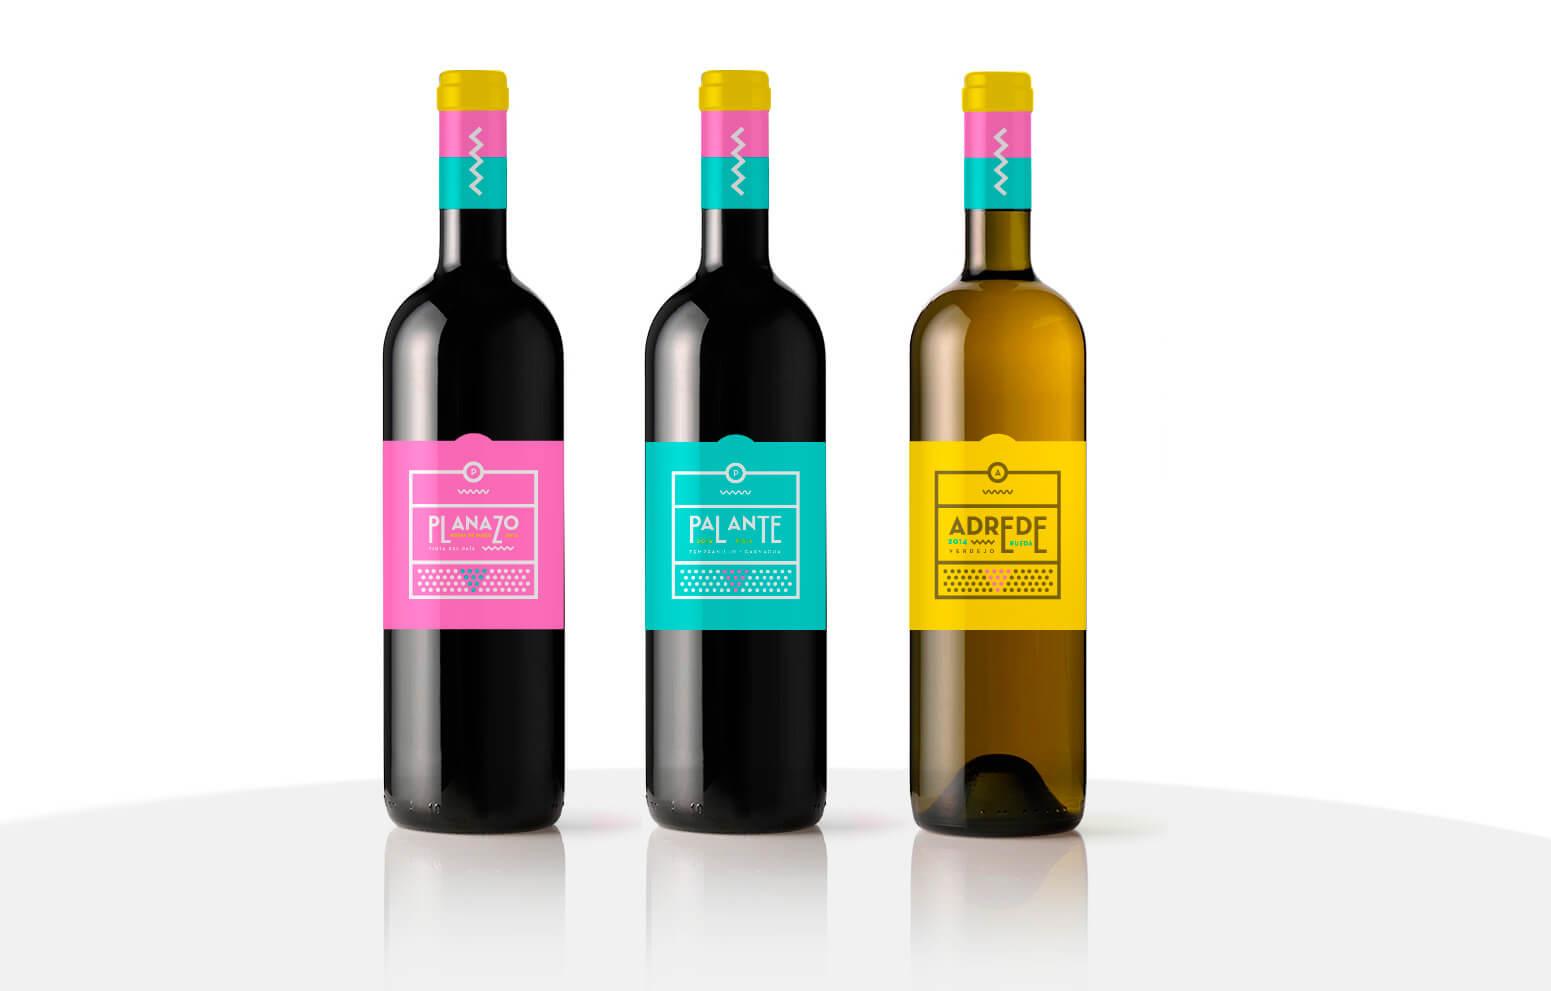 Botellas Palante, Adrede y Planazo